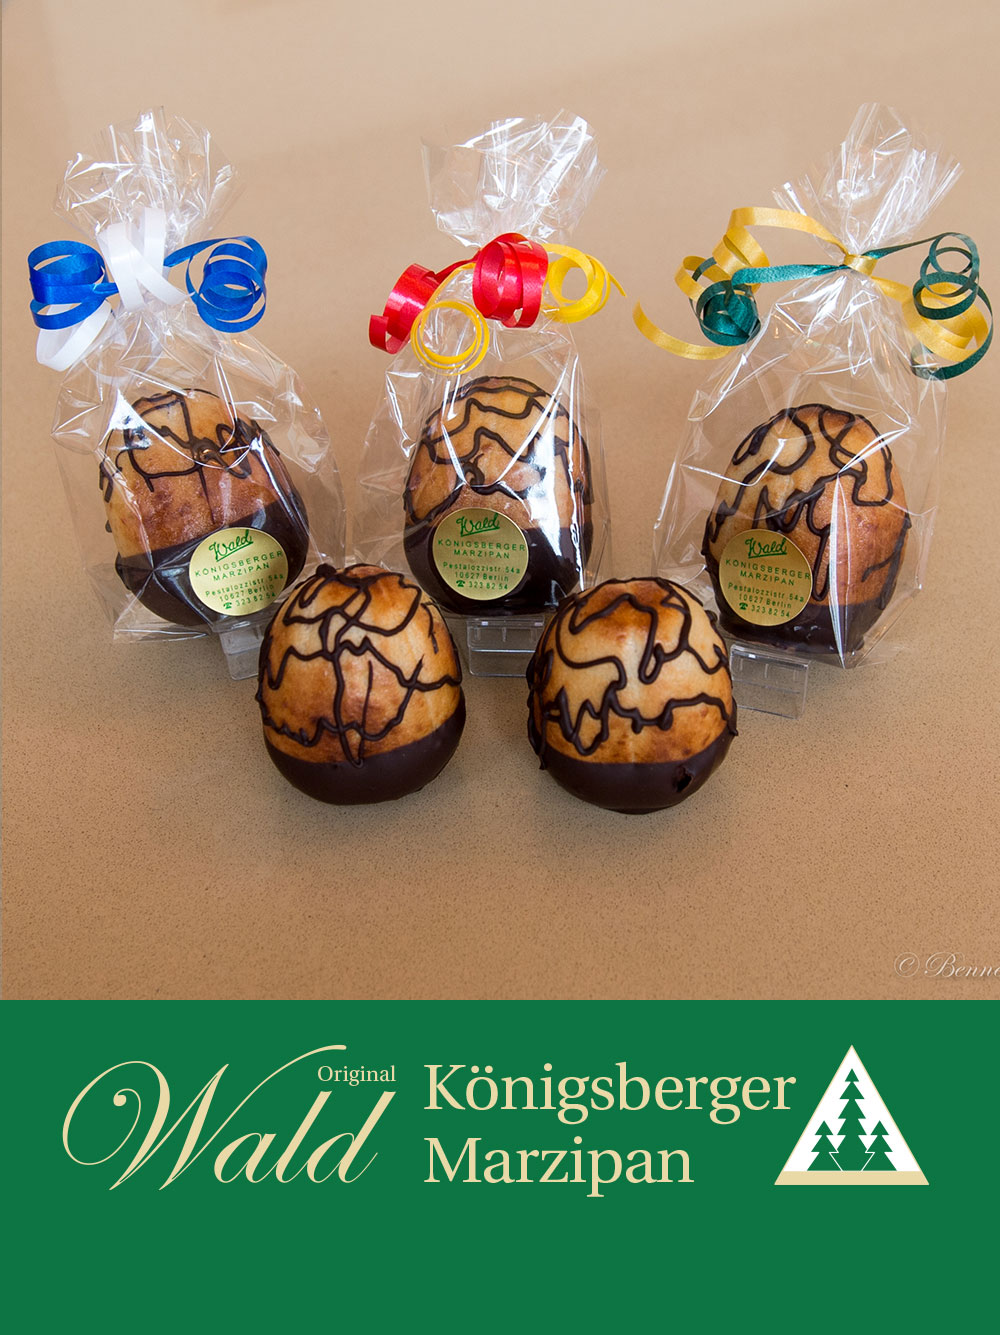 Königsberger Fabergé Osterei